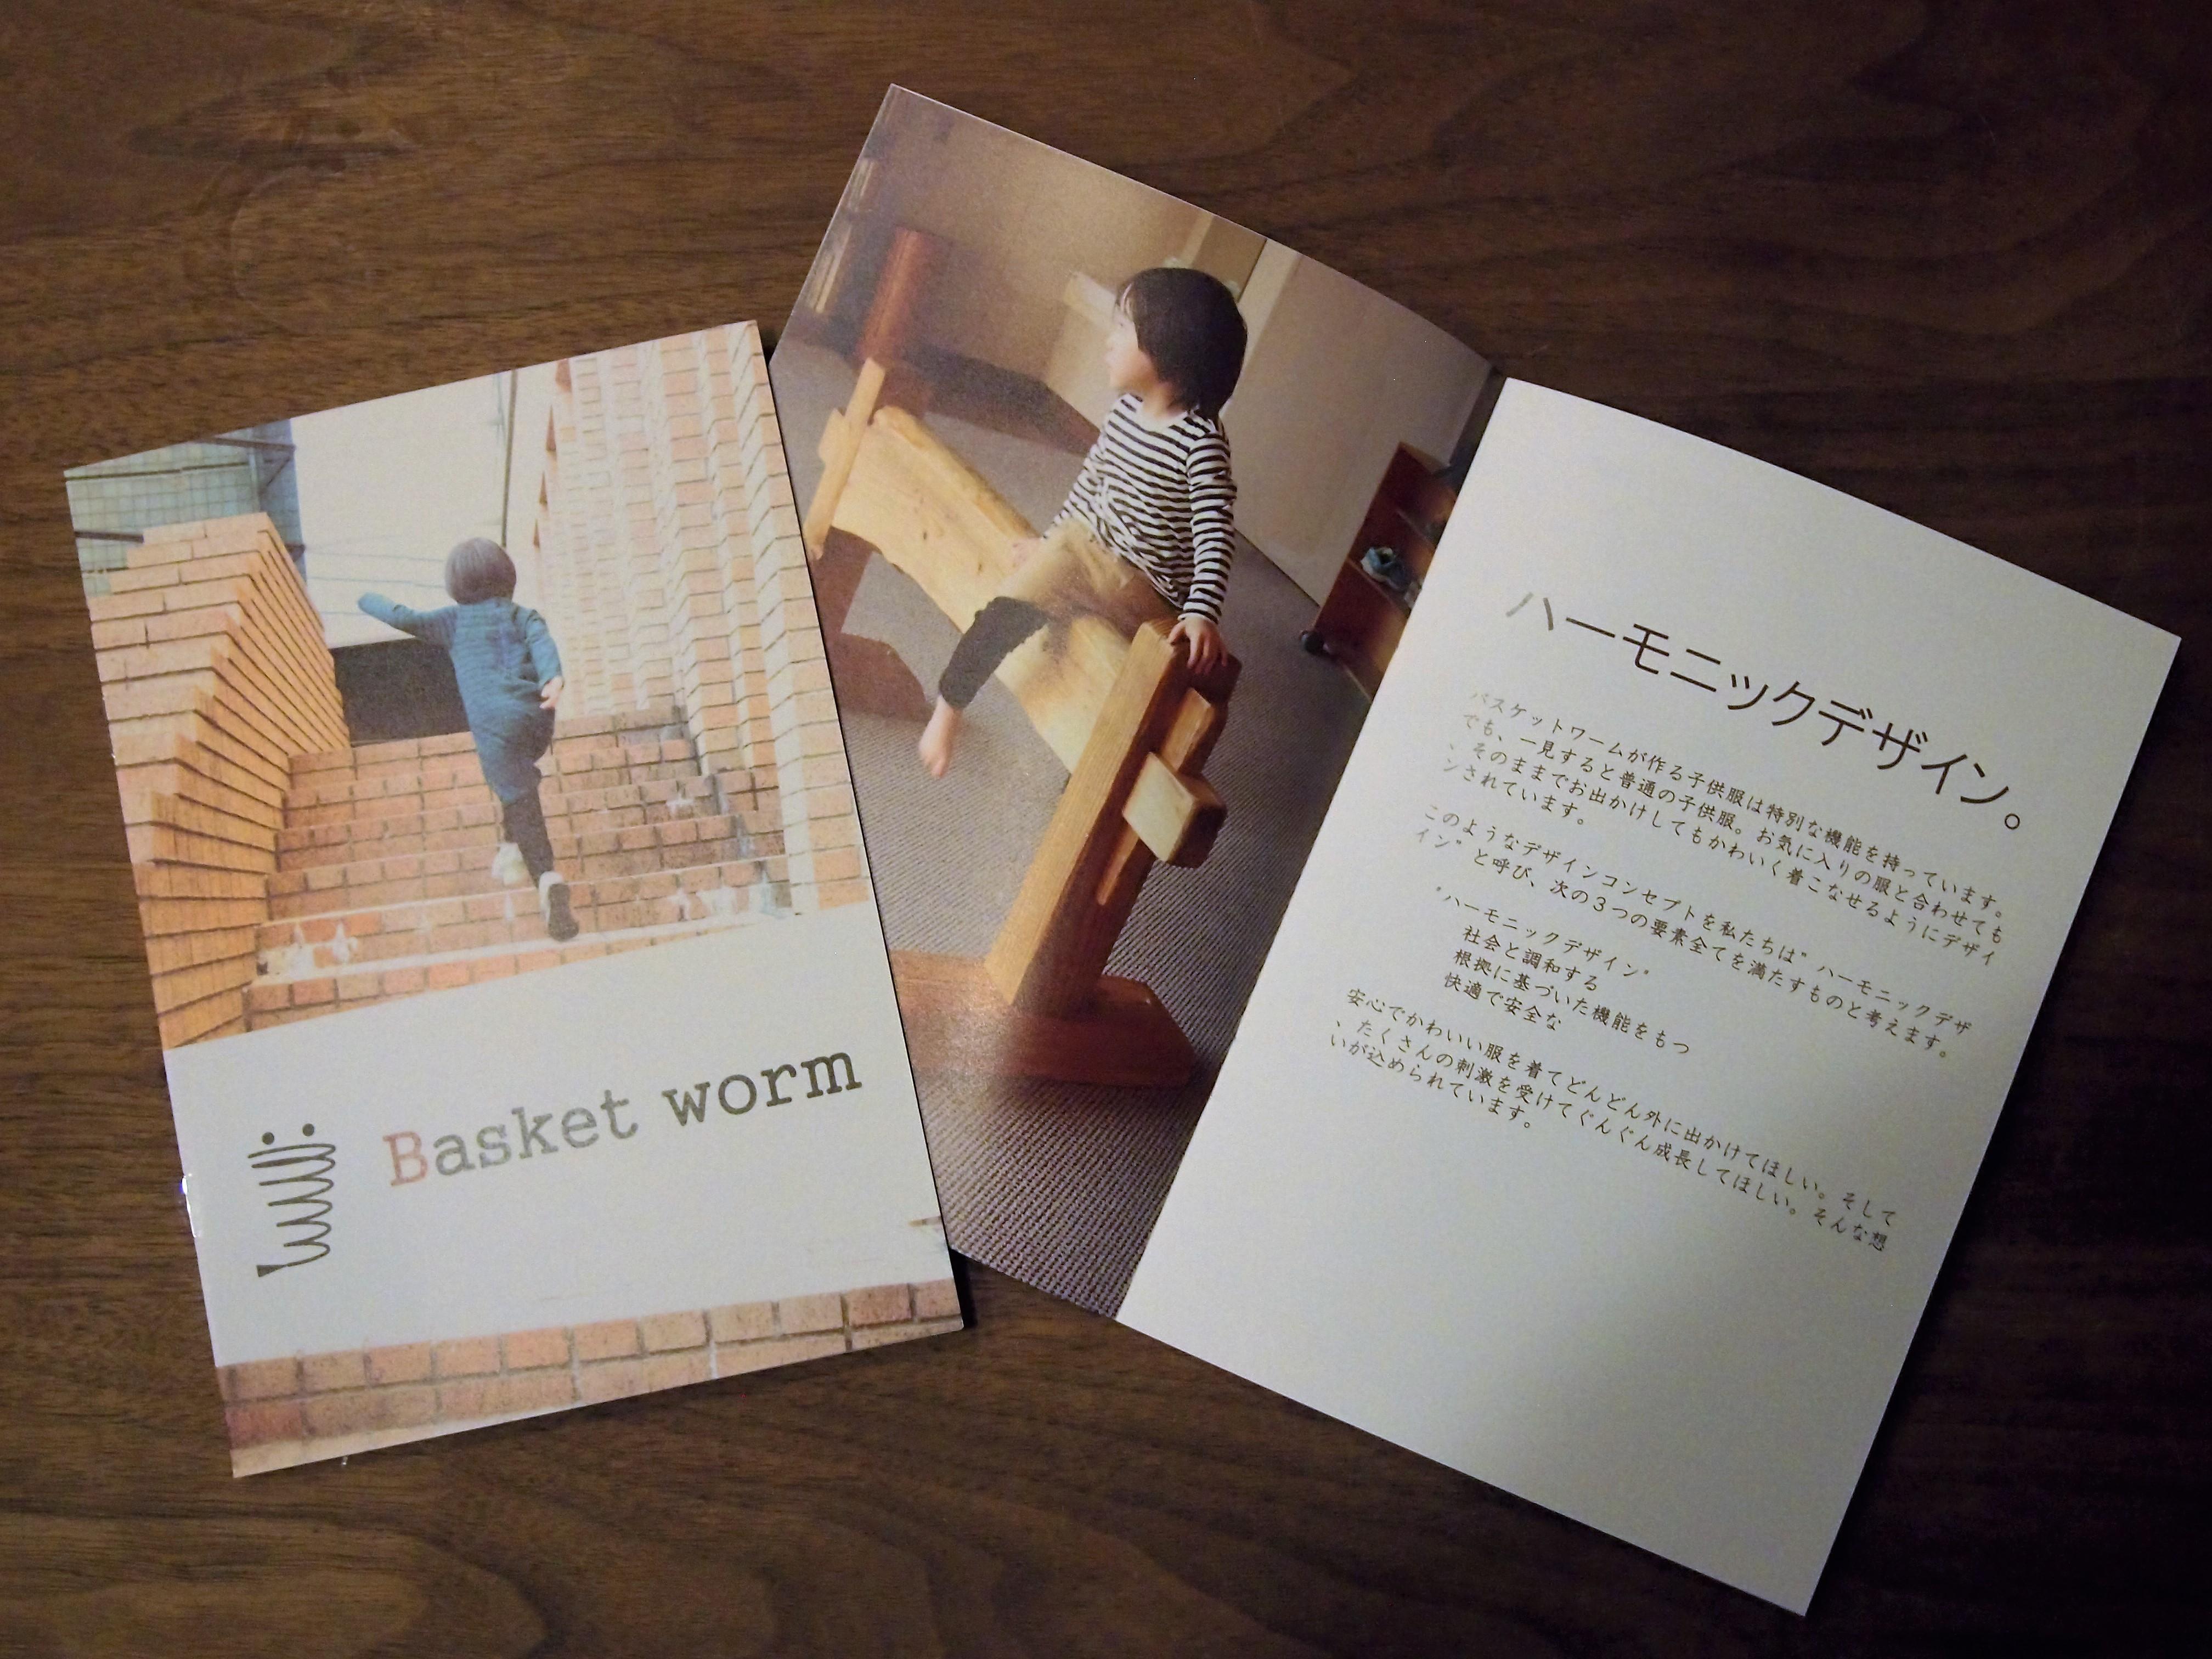 仙台市南部発達相談支援センター(南部アーチル)さんにカタログを置かせていただけることになりました。